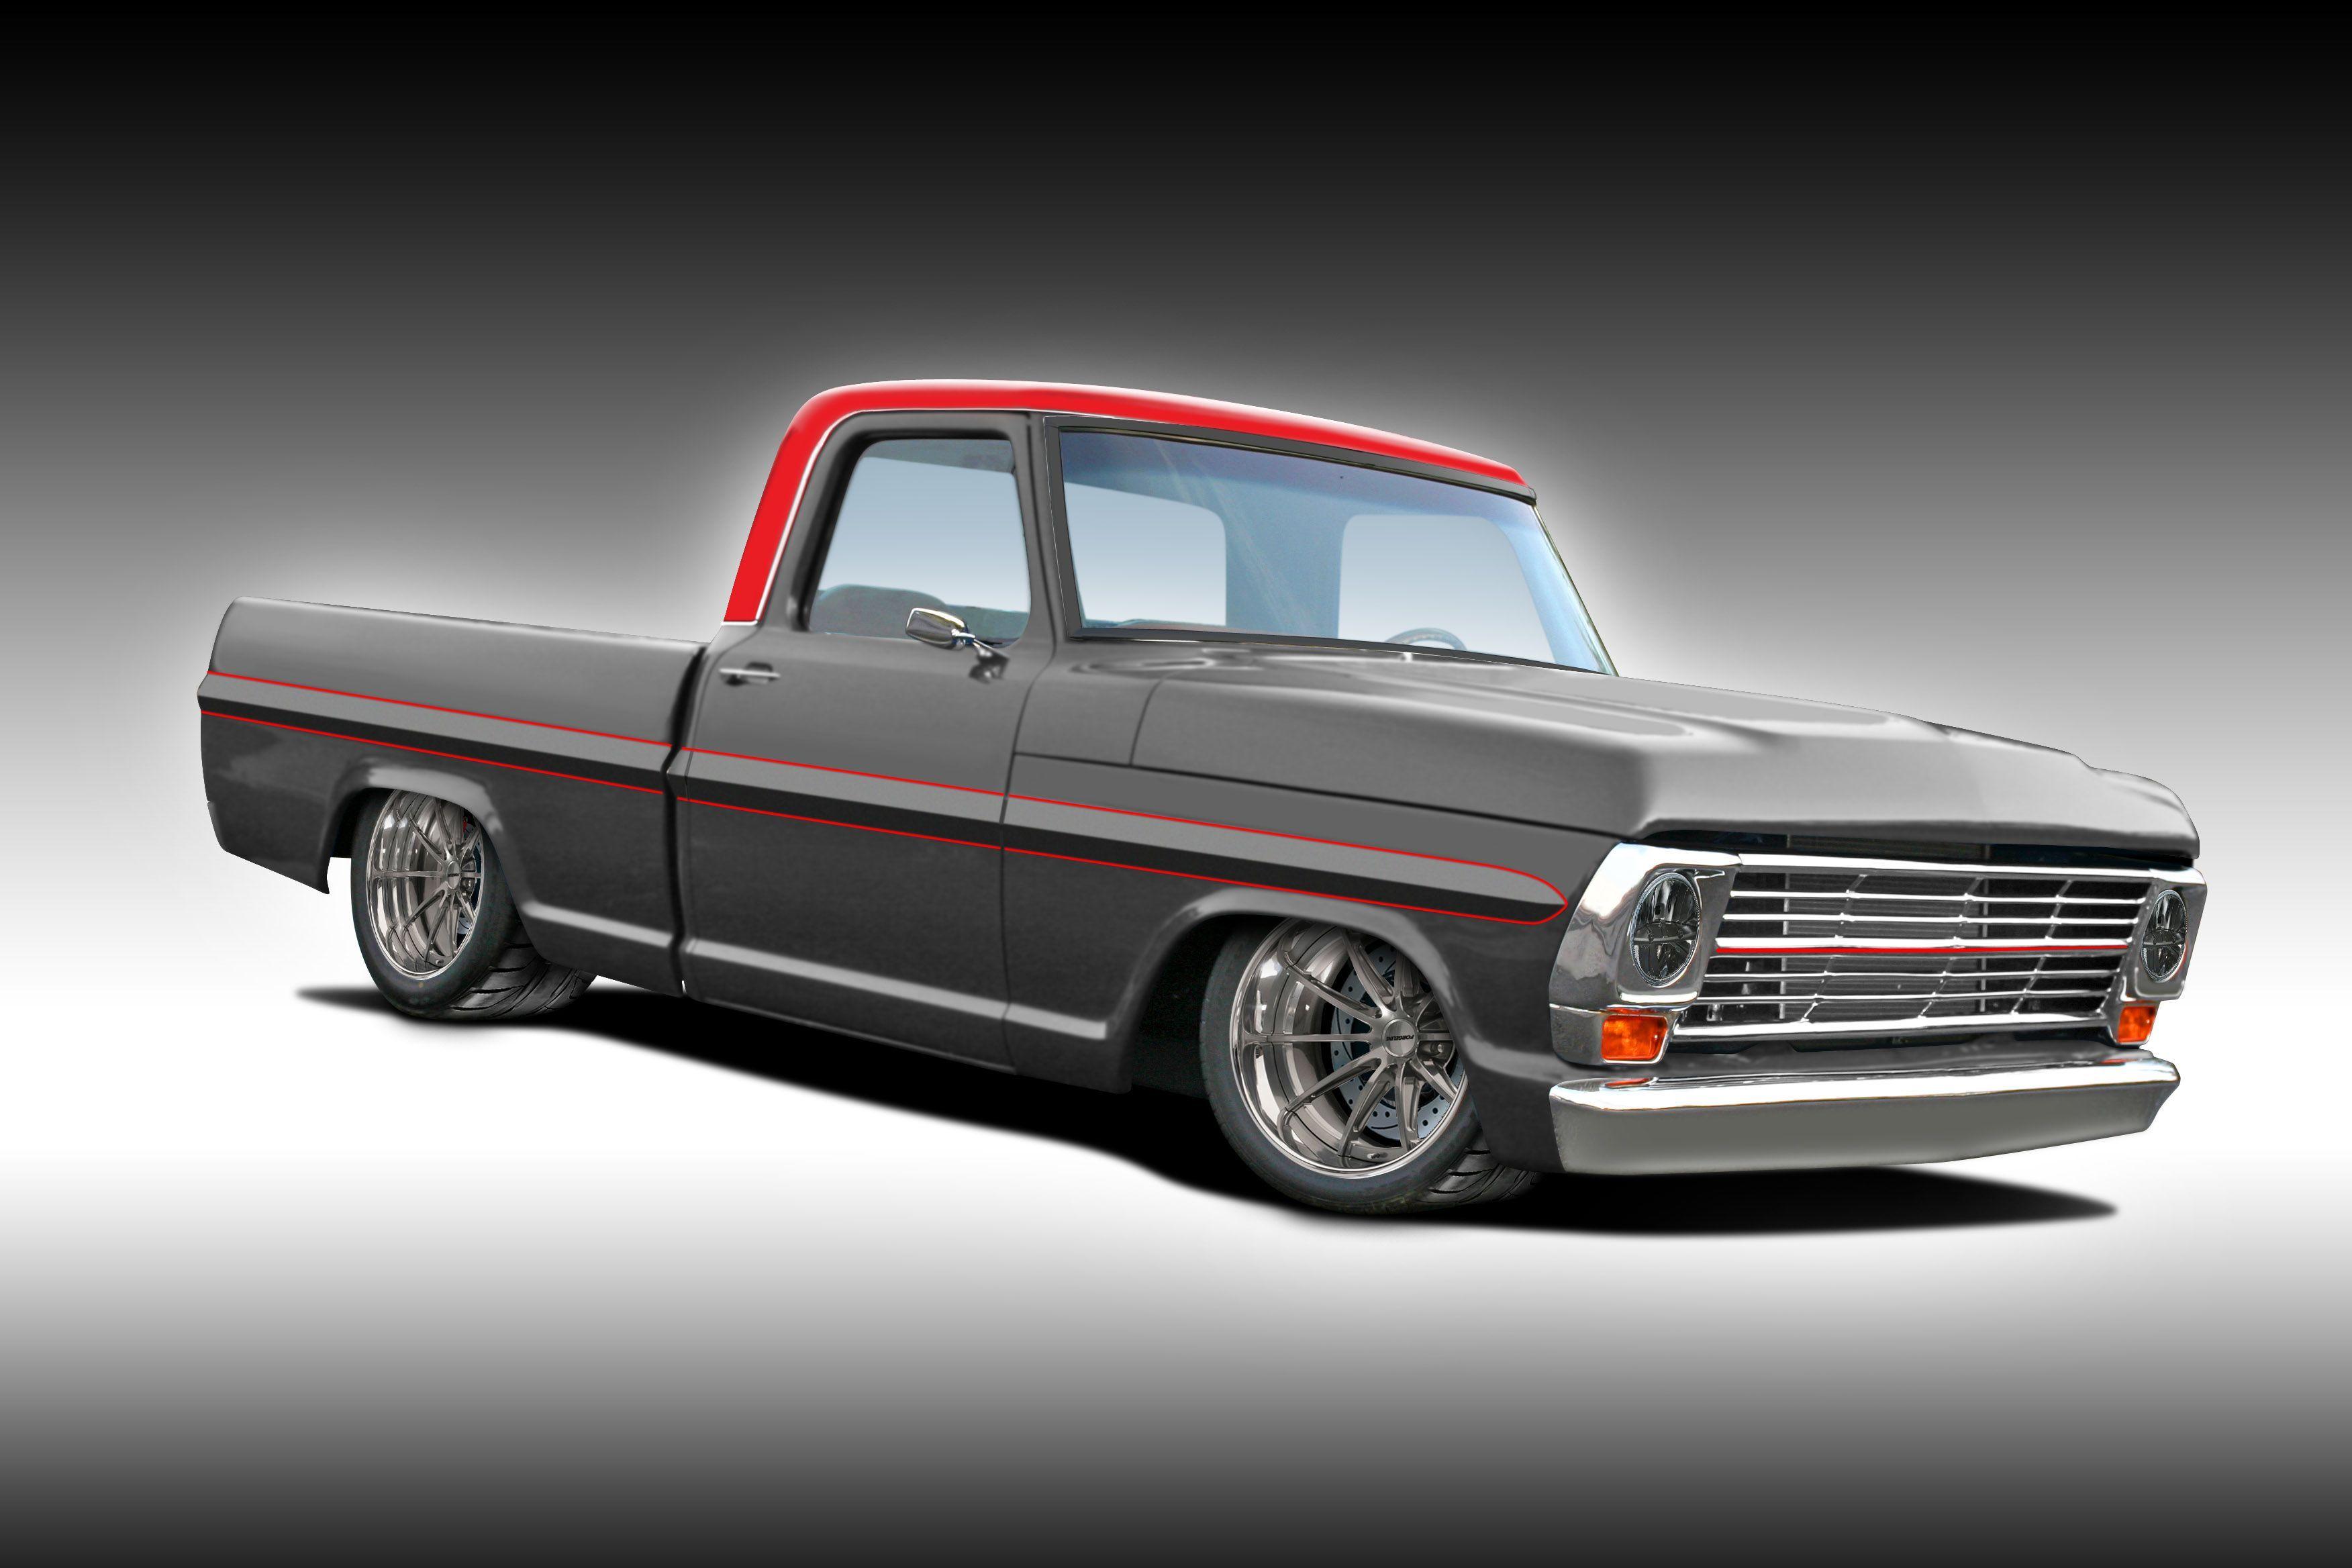 1967 ford f 100 custom pick up truck 460 big block c6 trucks pinterest ford ford trucks and cars